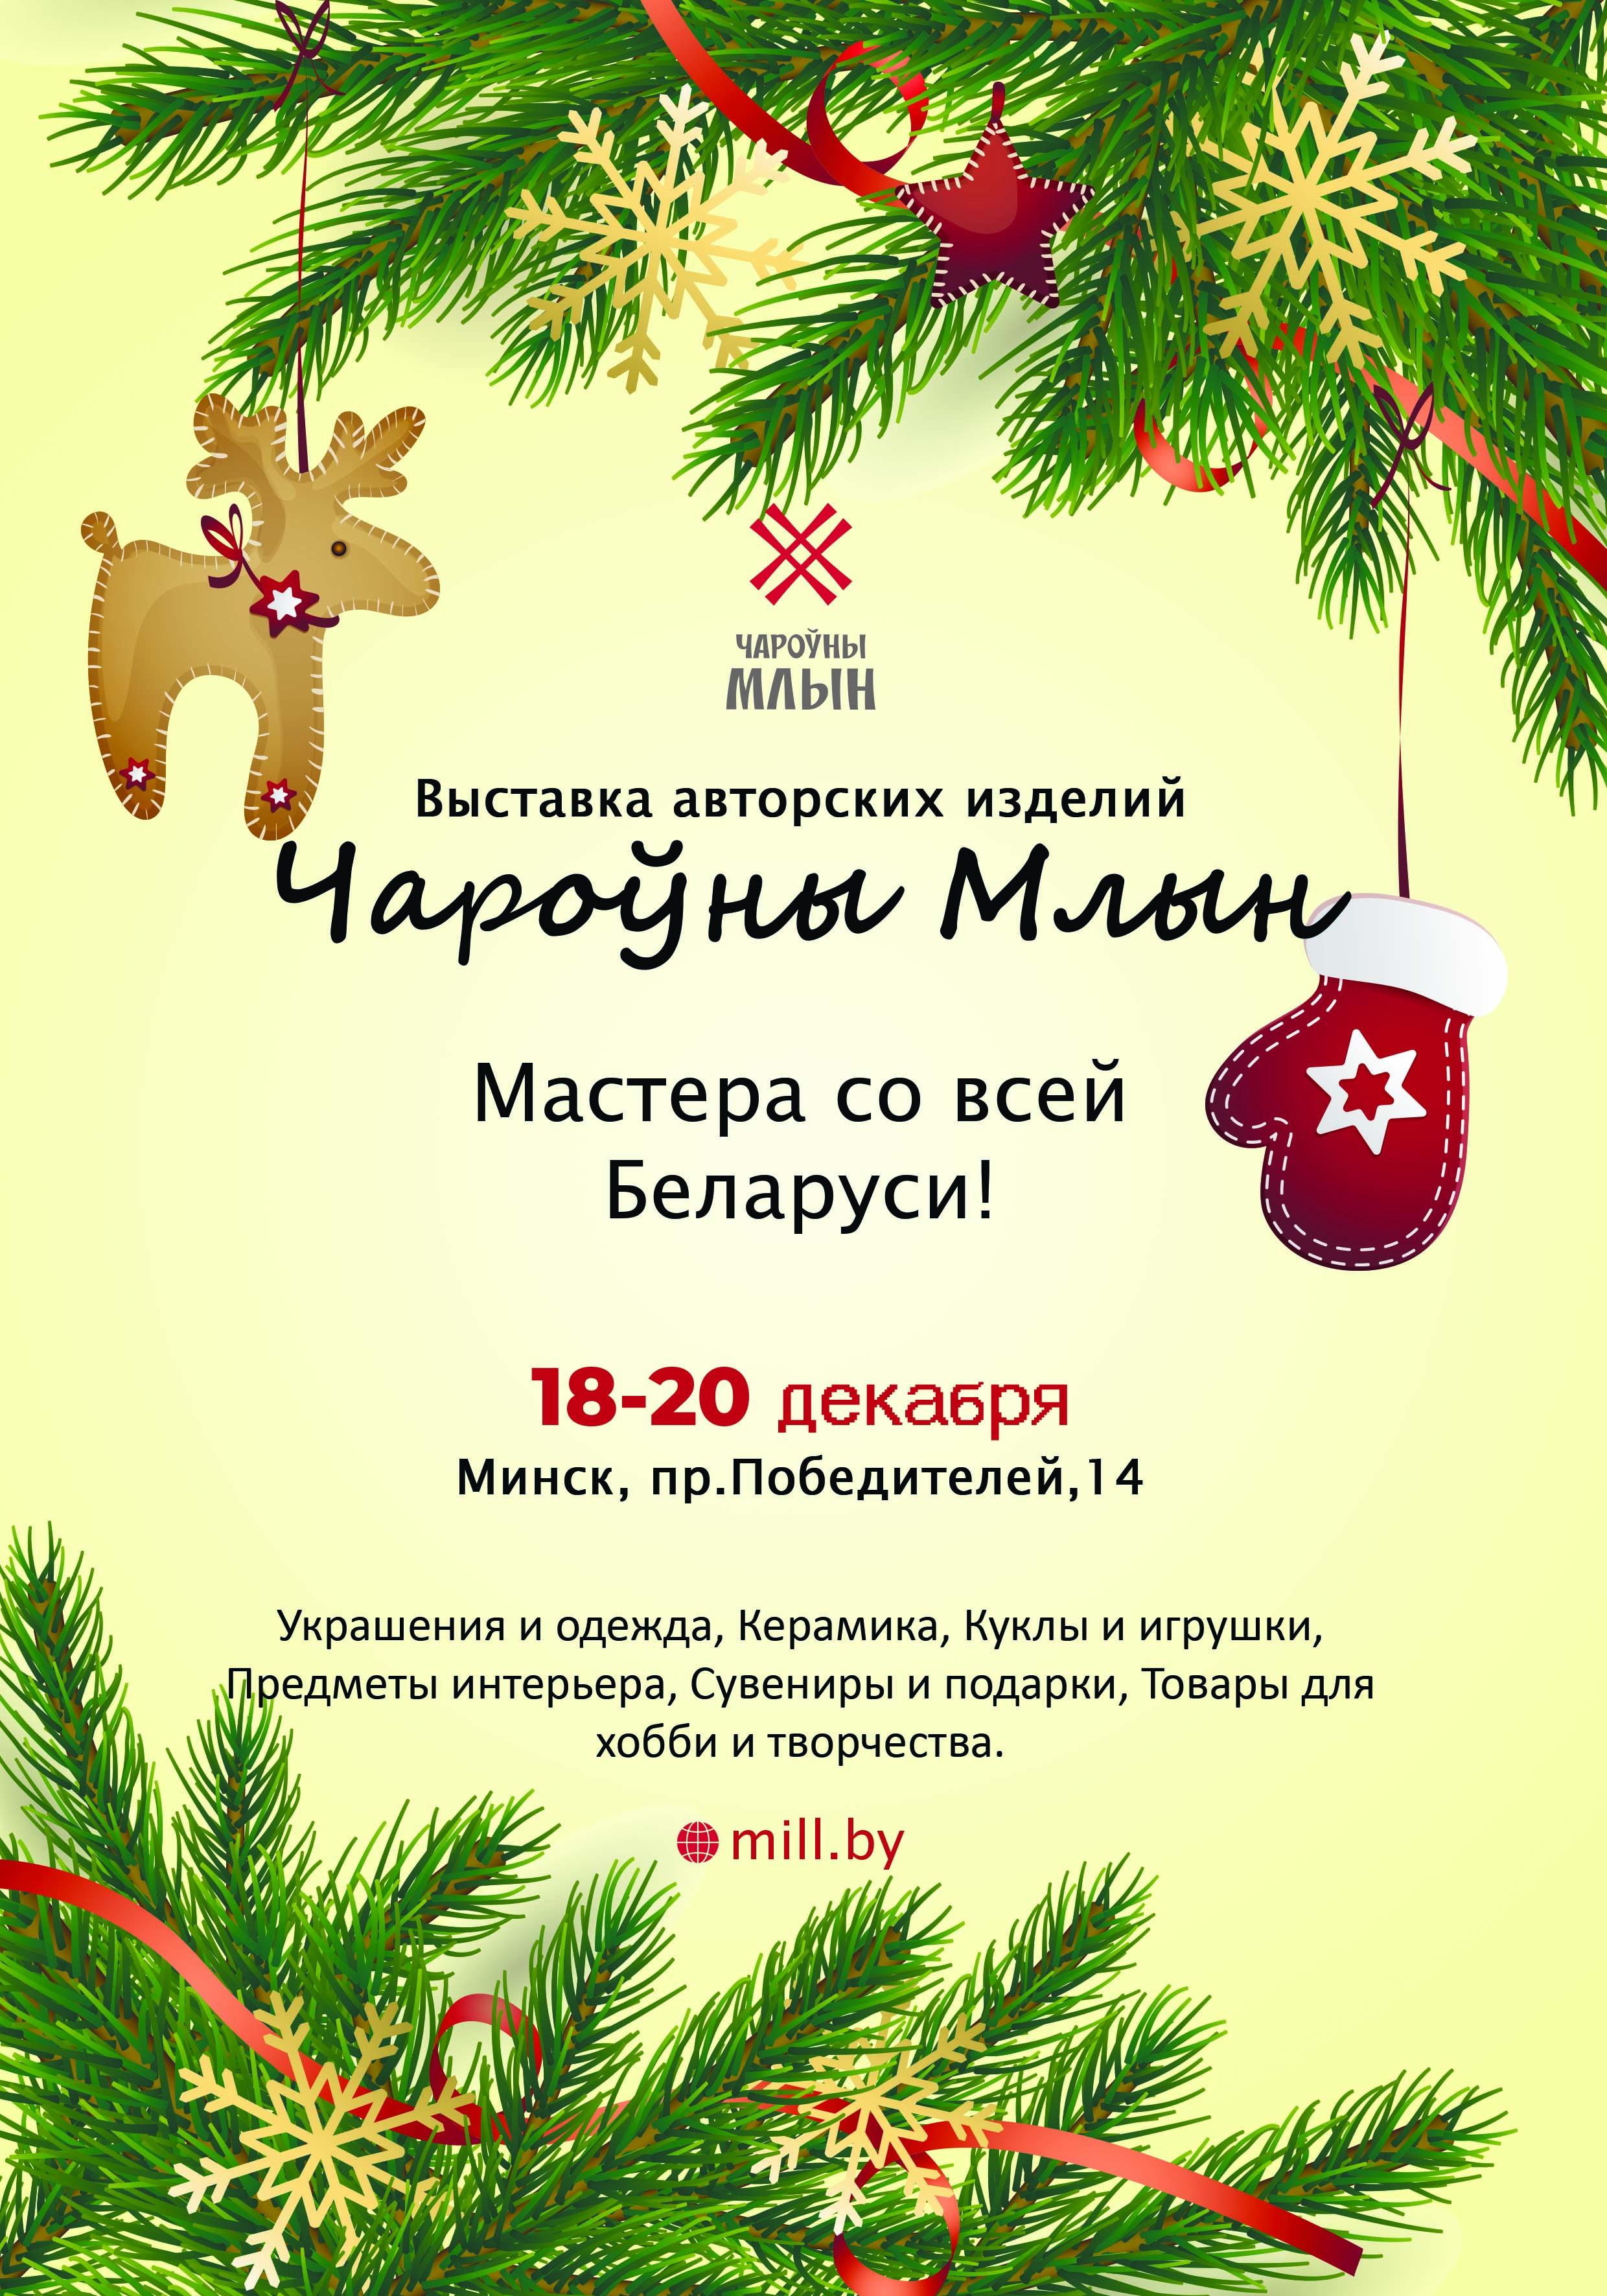 Дизайн новогодней афиши для выставки изделий ручной работы фото f_5965f903f1d19c5c.jpg